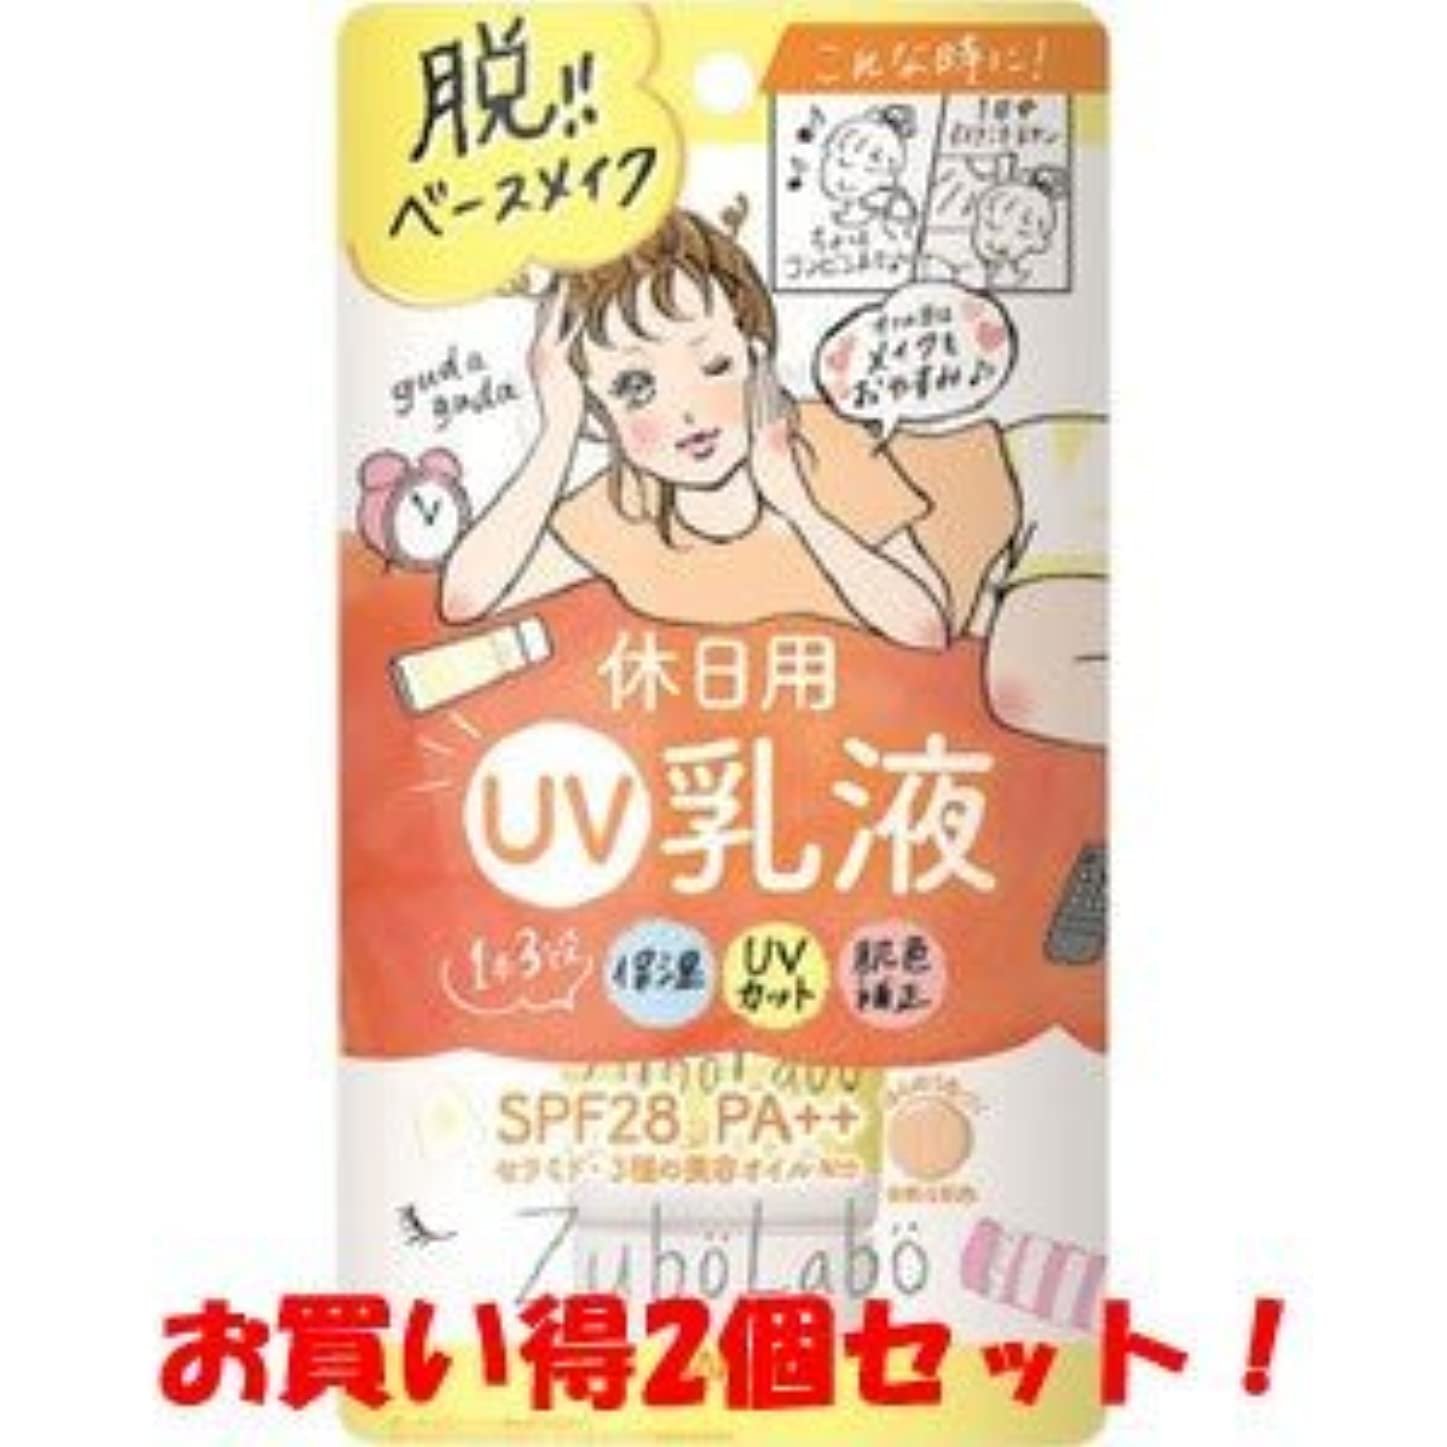 スプリット詐欺汚染されたサナ(SANA)ズボラボ 休日用乳液 UV 60g/新商品/(お買い得2個セット)